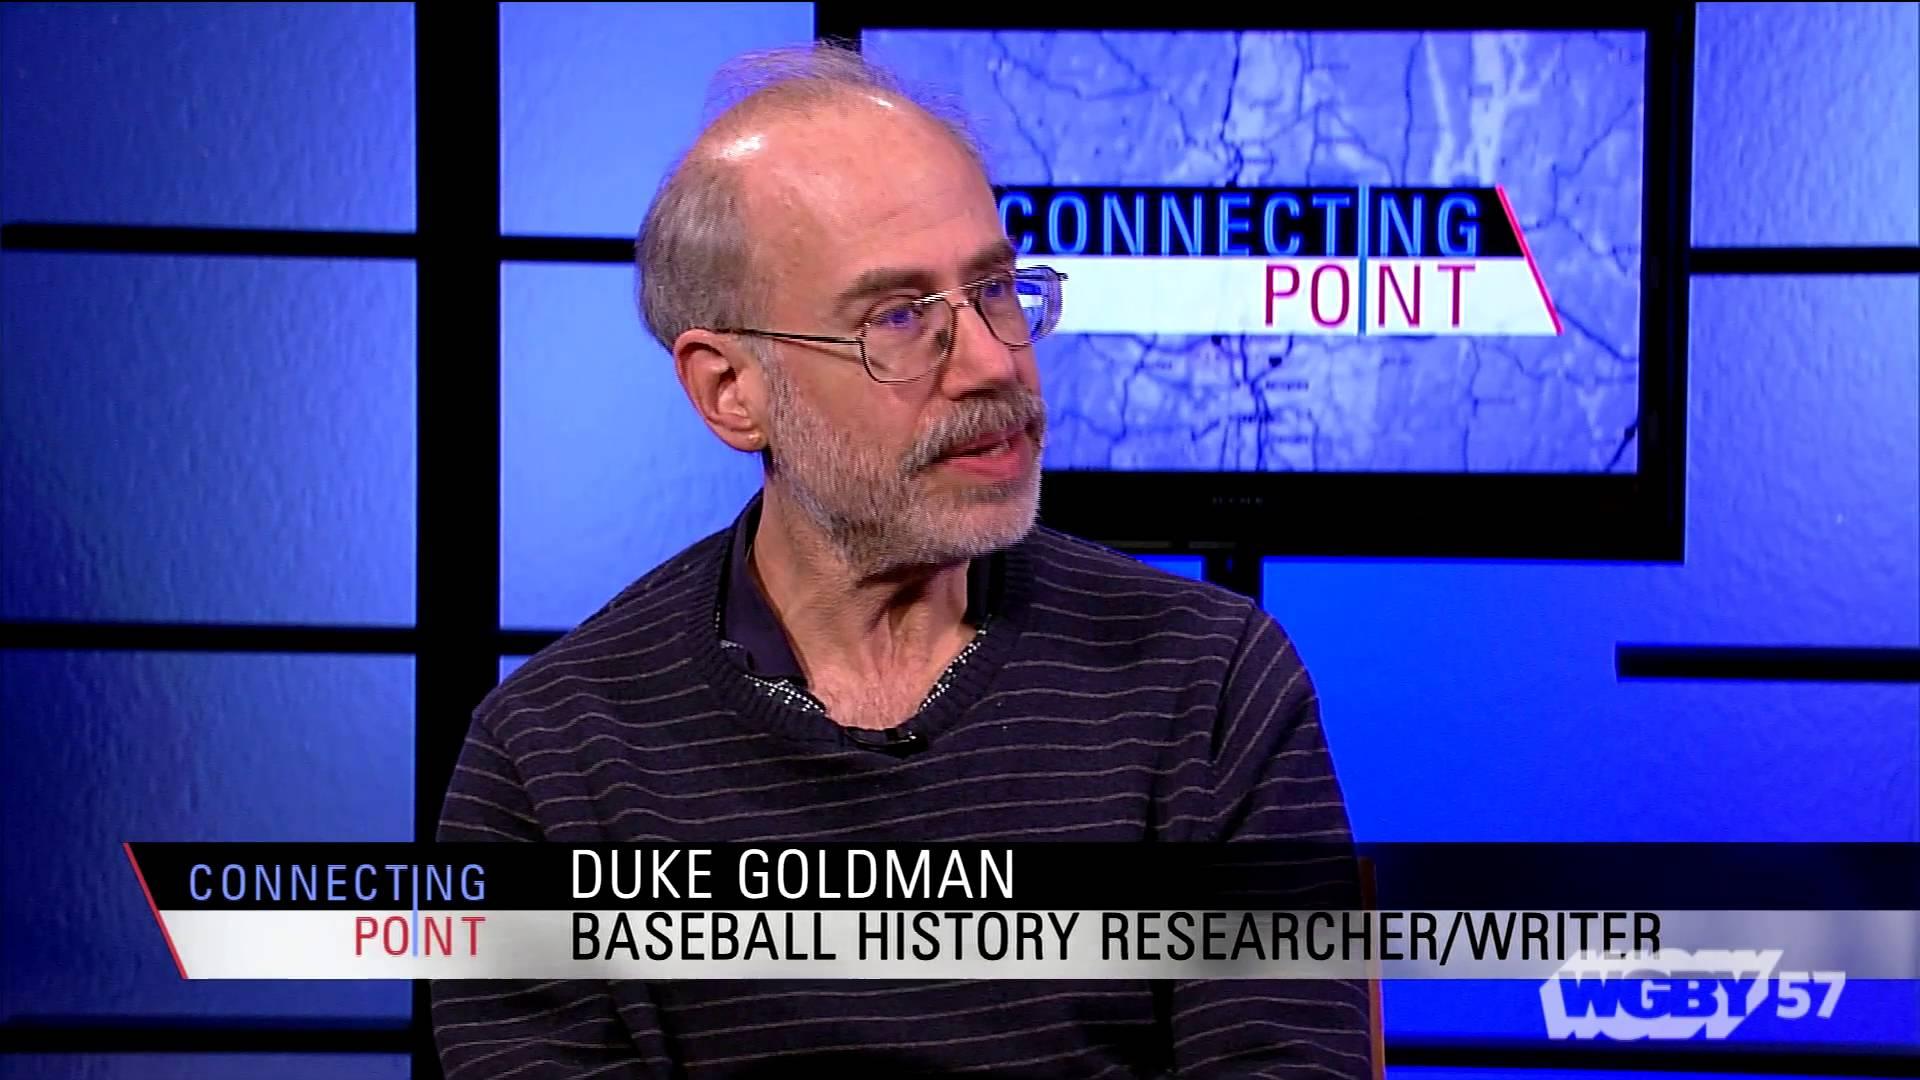 Duke Goldman on Monte Irvin